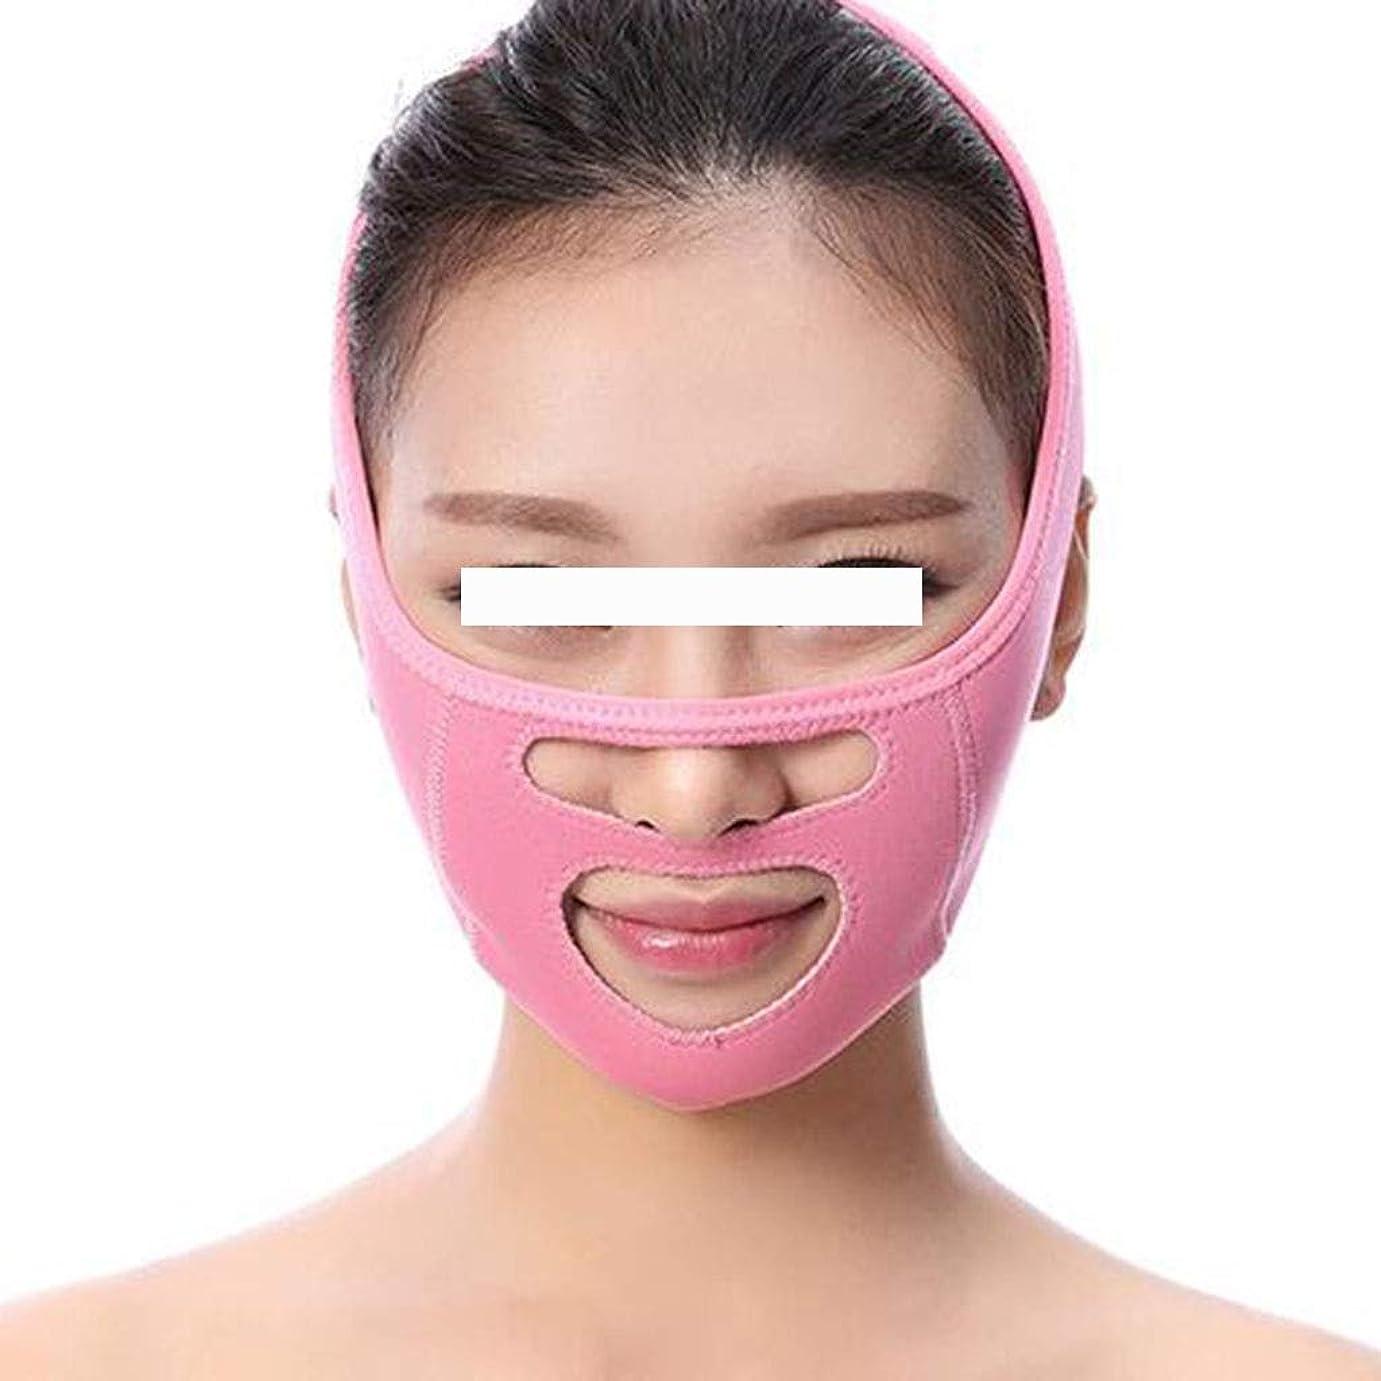 それる特権香港人気のVフェイスマスク - 睡眠小顔美容フェイス包帯 - Decreeダブルチンvフェイスに移動